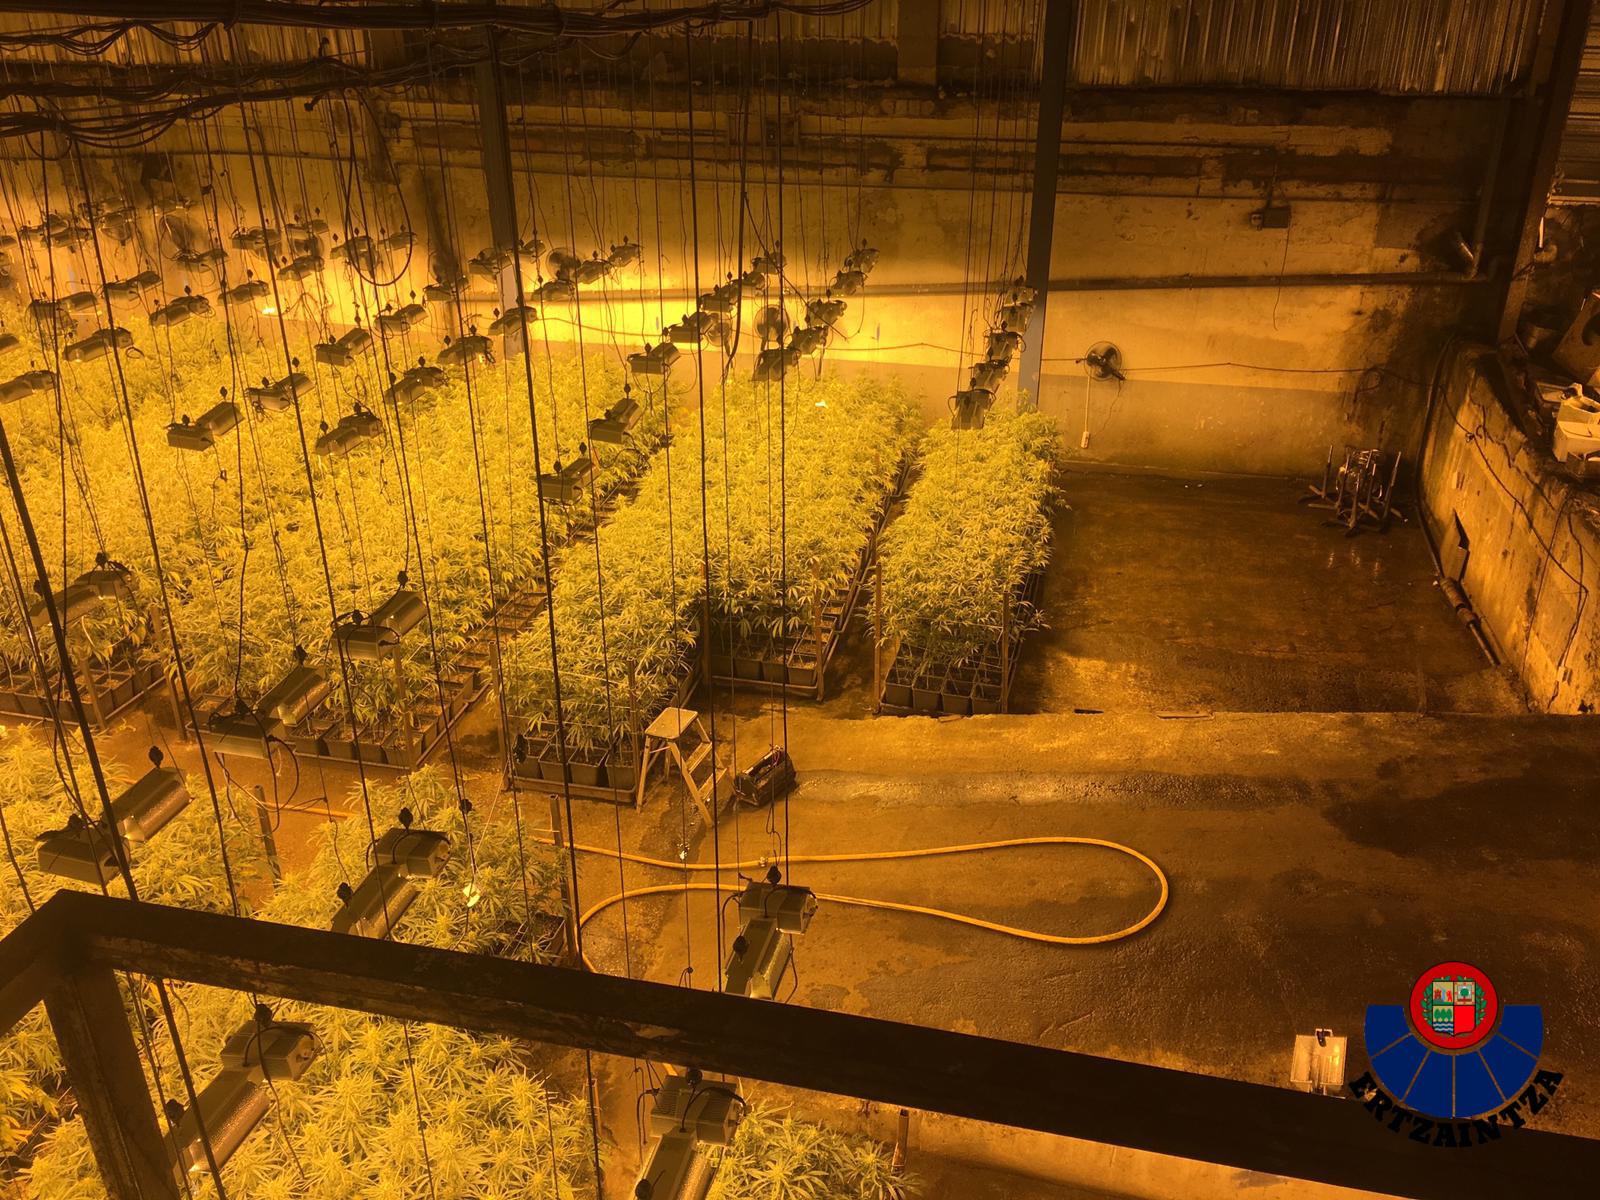 Parte del pabellón de Zumaia con las plantas de marihuana.